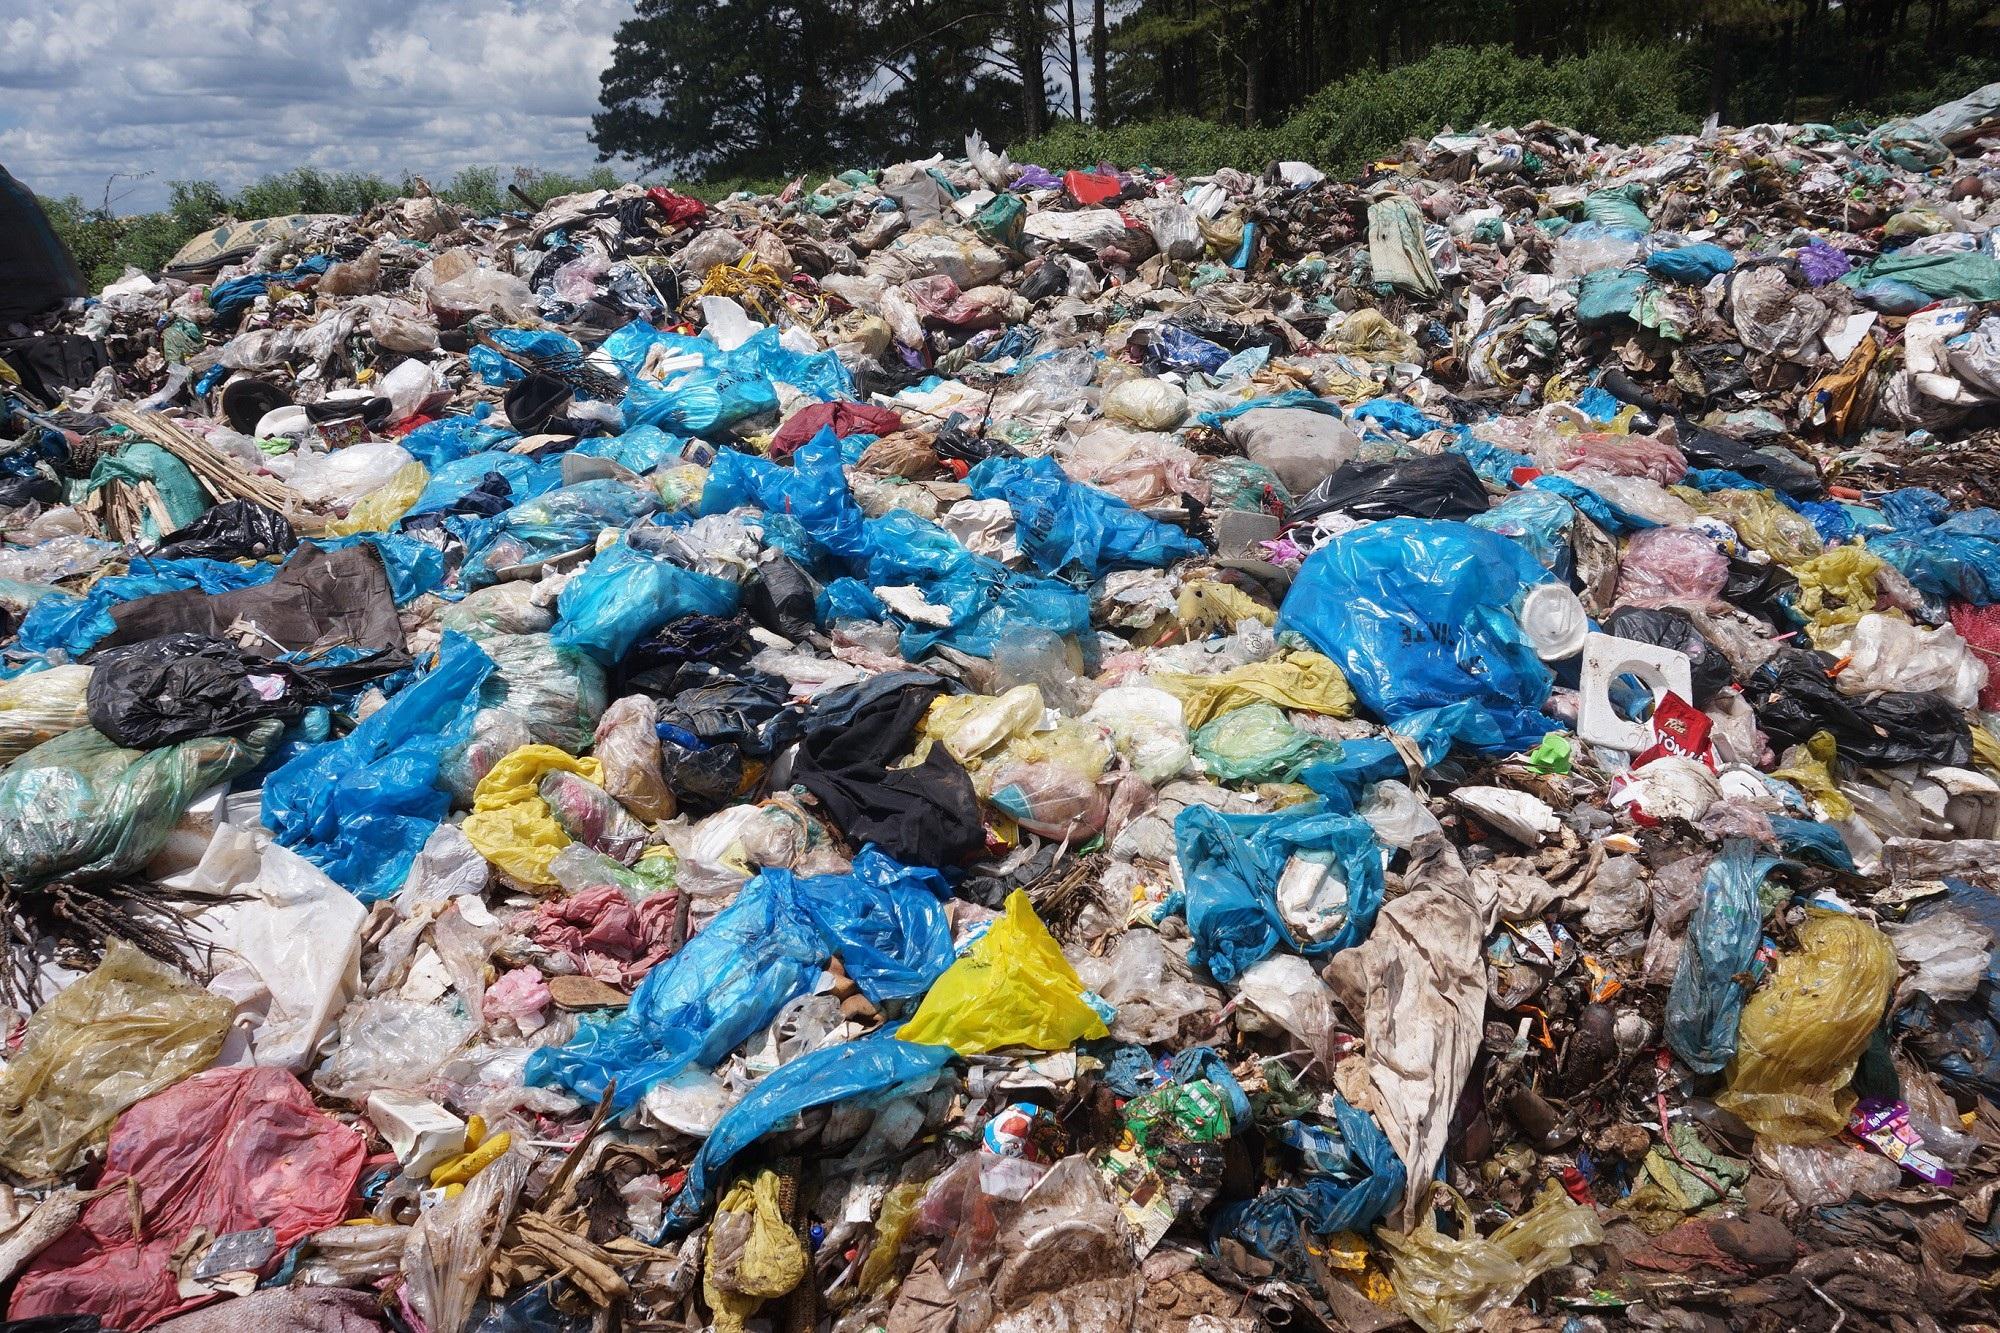 Đắk Nông: Bãi rác nhấn chìm cả đường đi, người dân bỏ của chạy lấy người! - Ảnh 2.